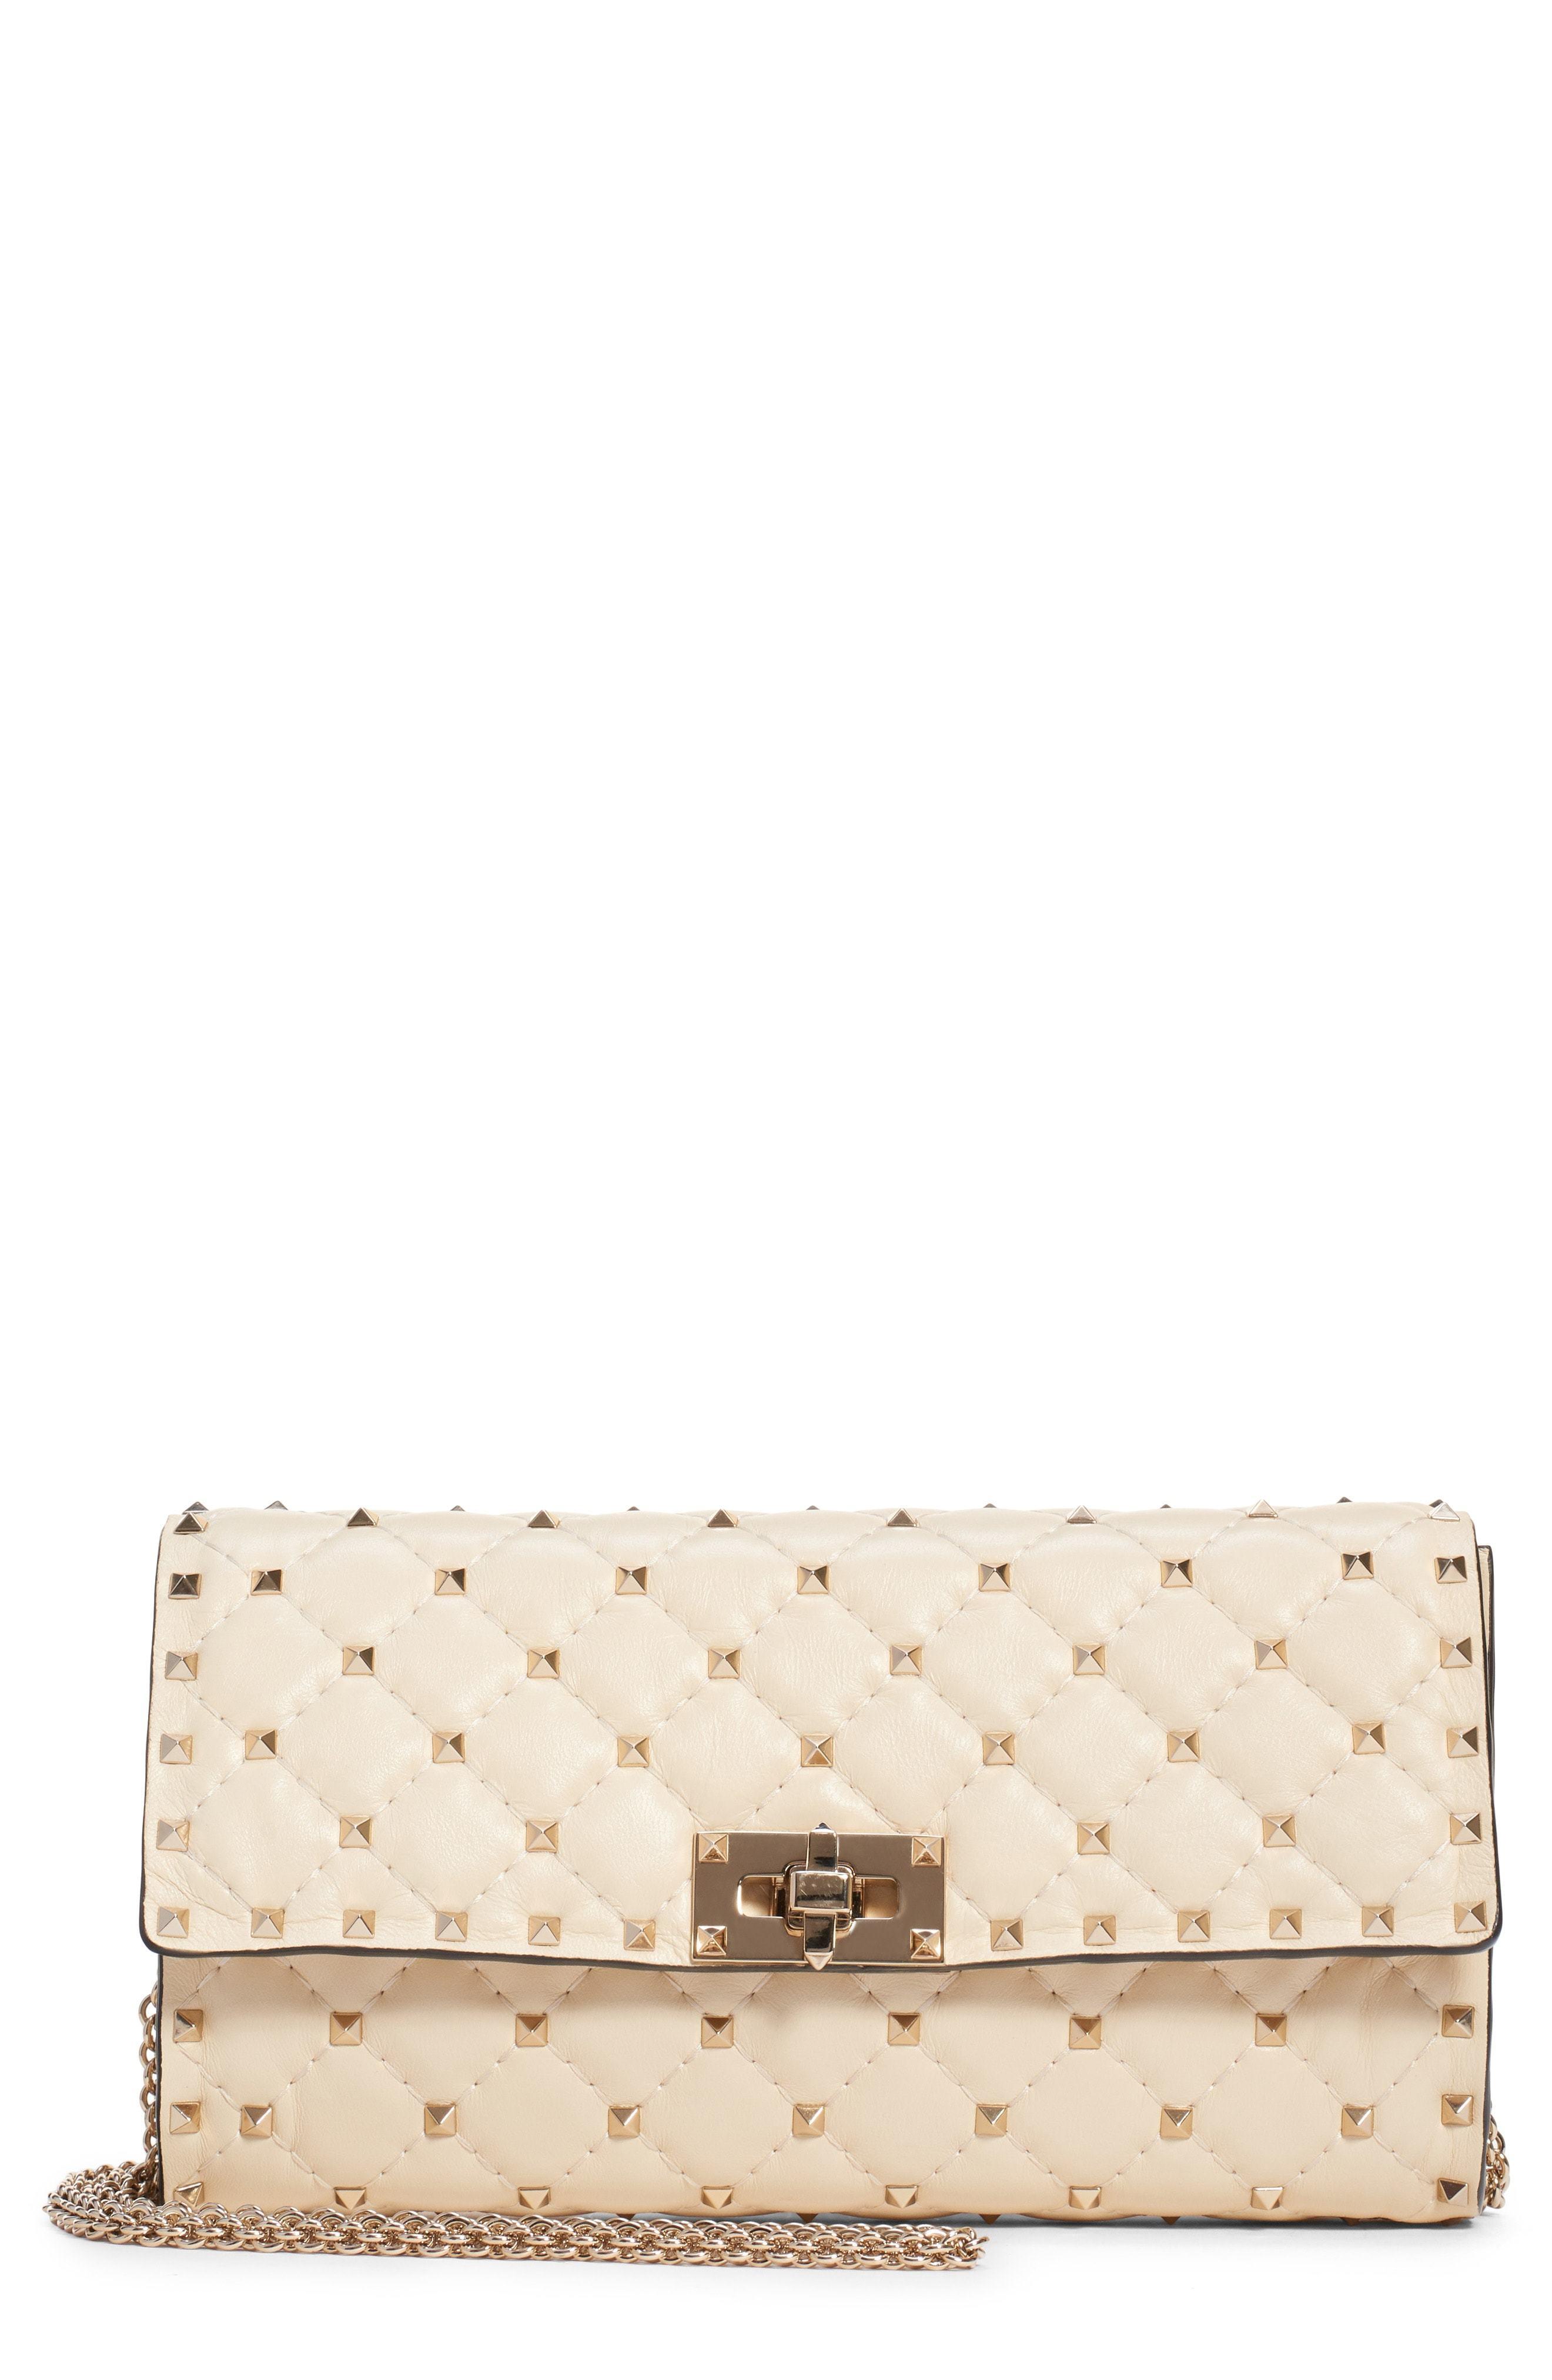 ea23b8798f Valentino Garavani Rockstud Matelasse Quilted Leather Shoulder Bag ...